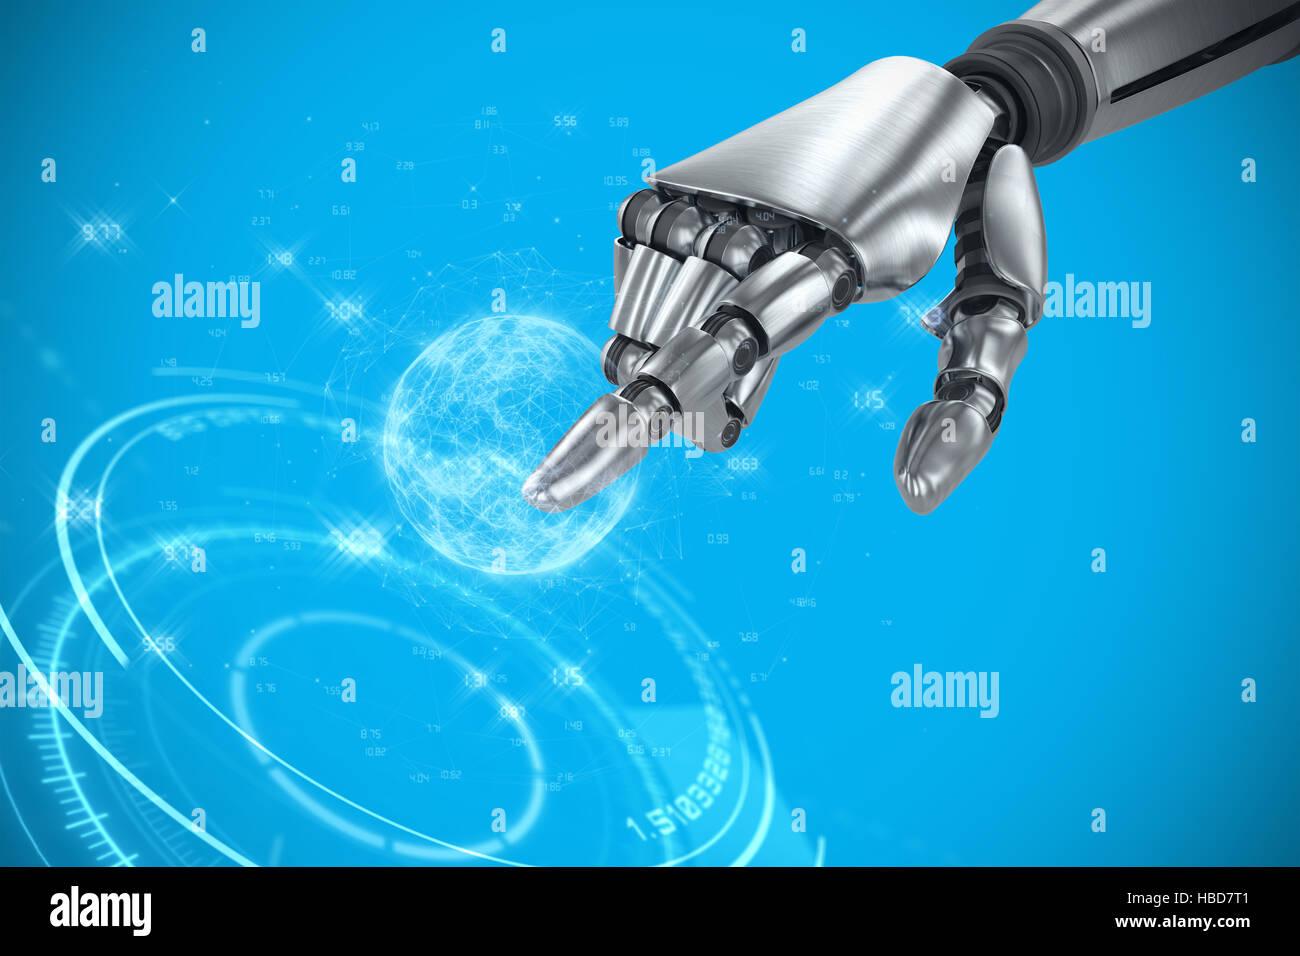 Immagine composita di argento robot a braccio rivolto a qualcosa di Immagini Stock